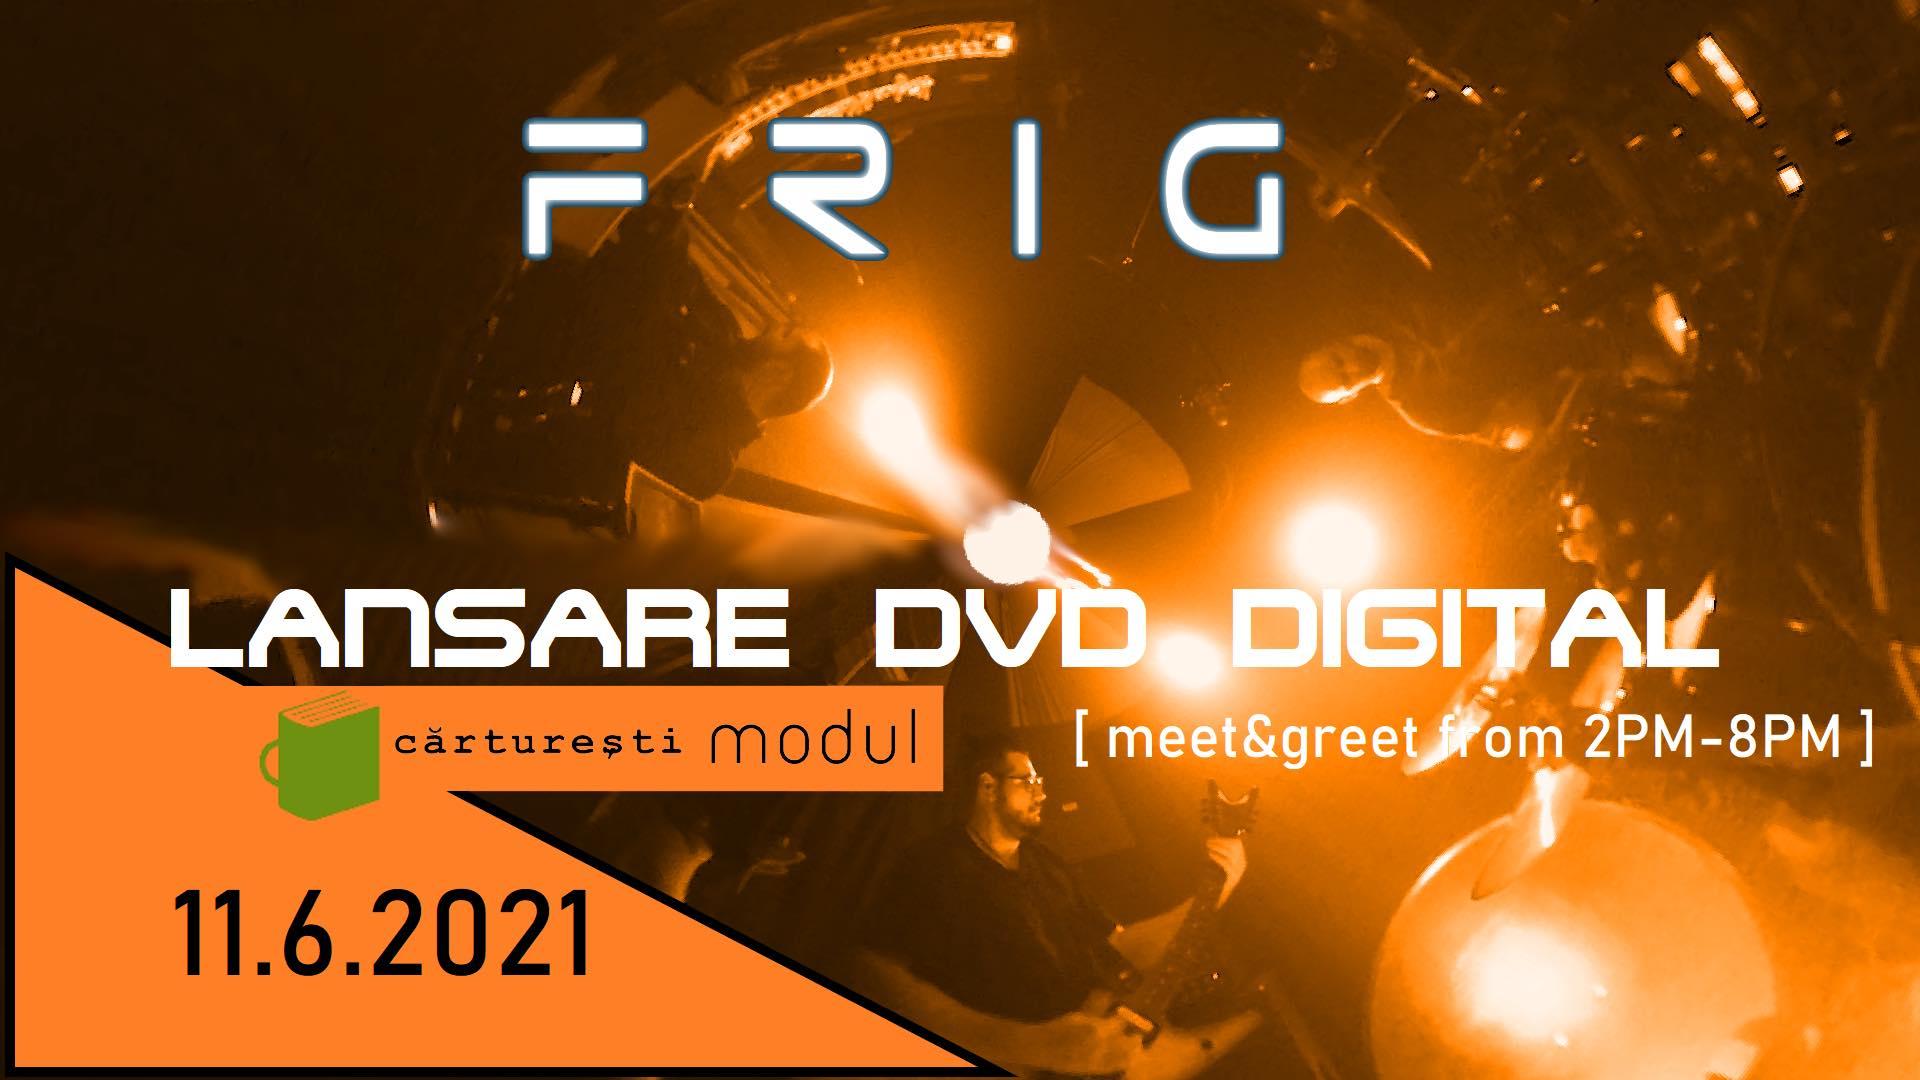 """Trupa bucureșteană FRIG lansează un """"DVD digital"""" în librariile Cărturești, cu un cod QR"""